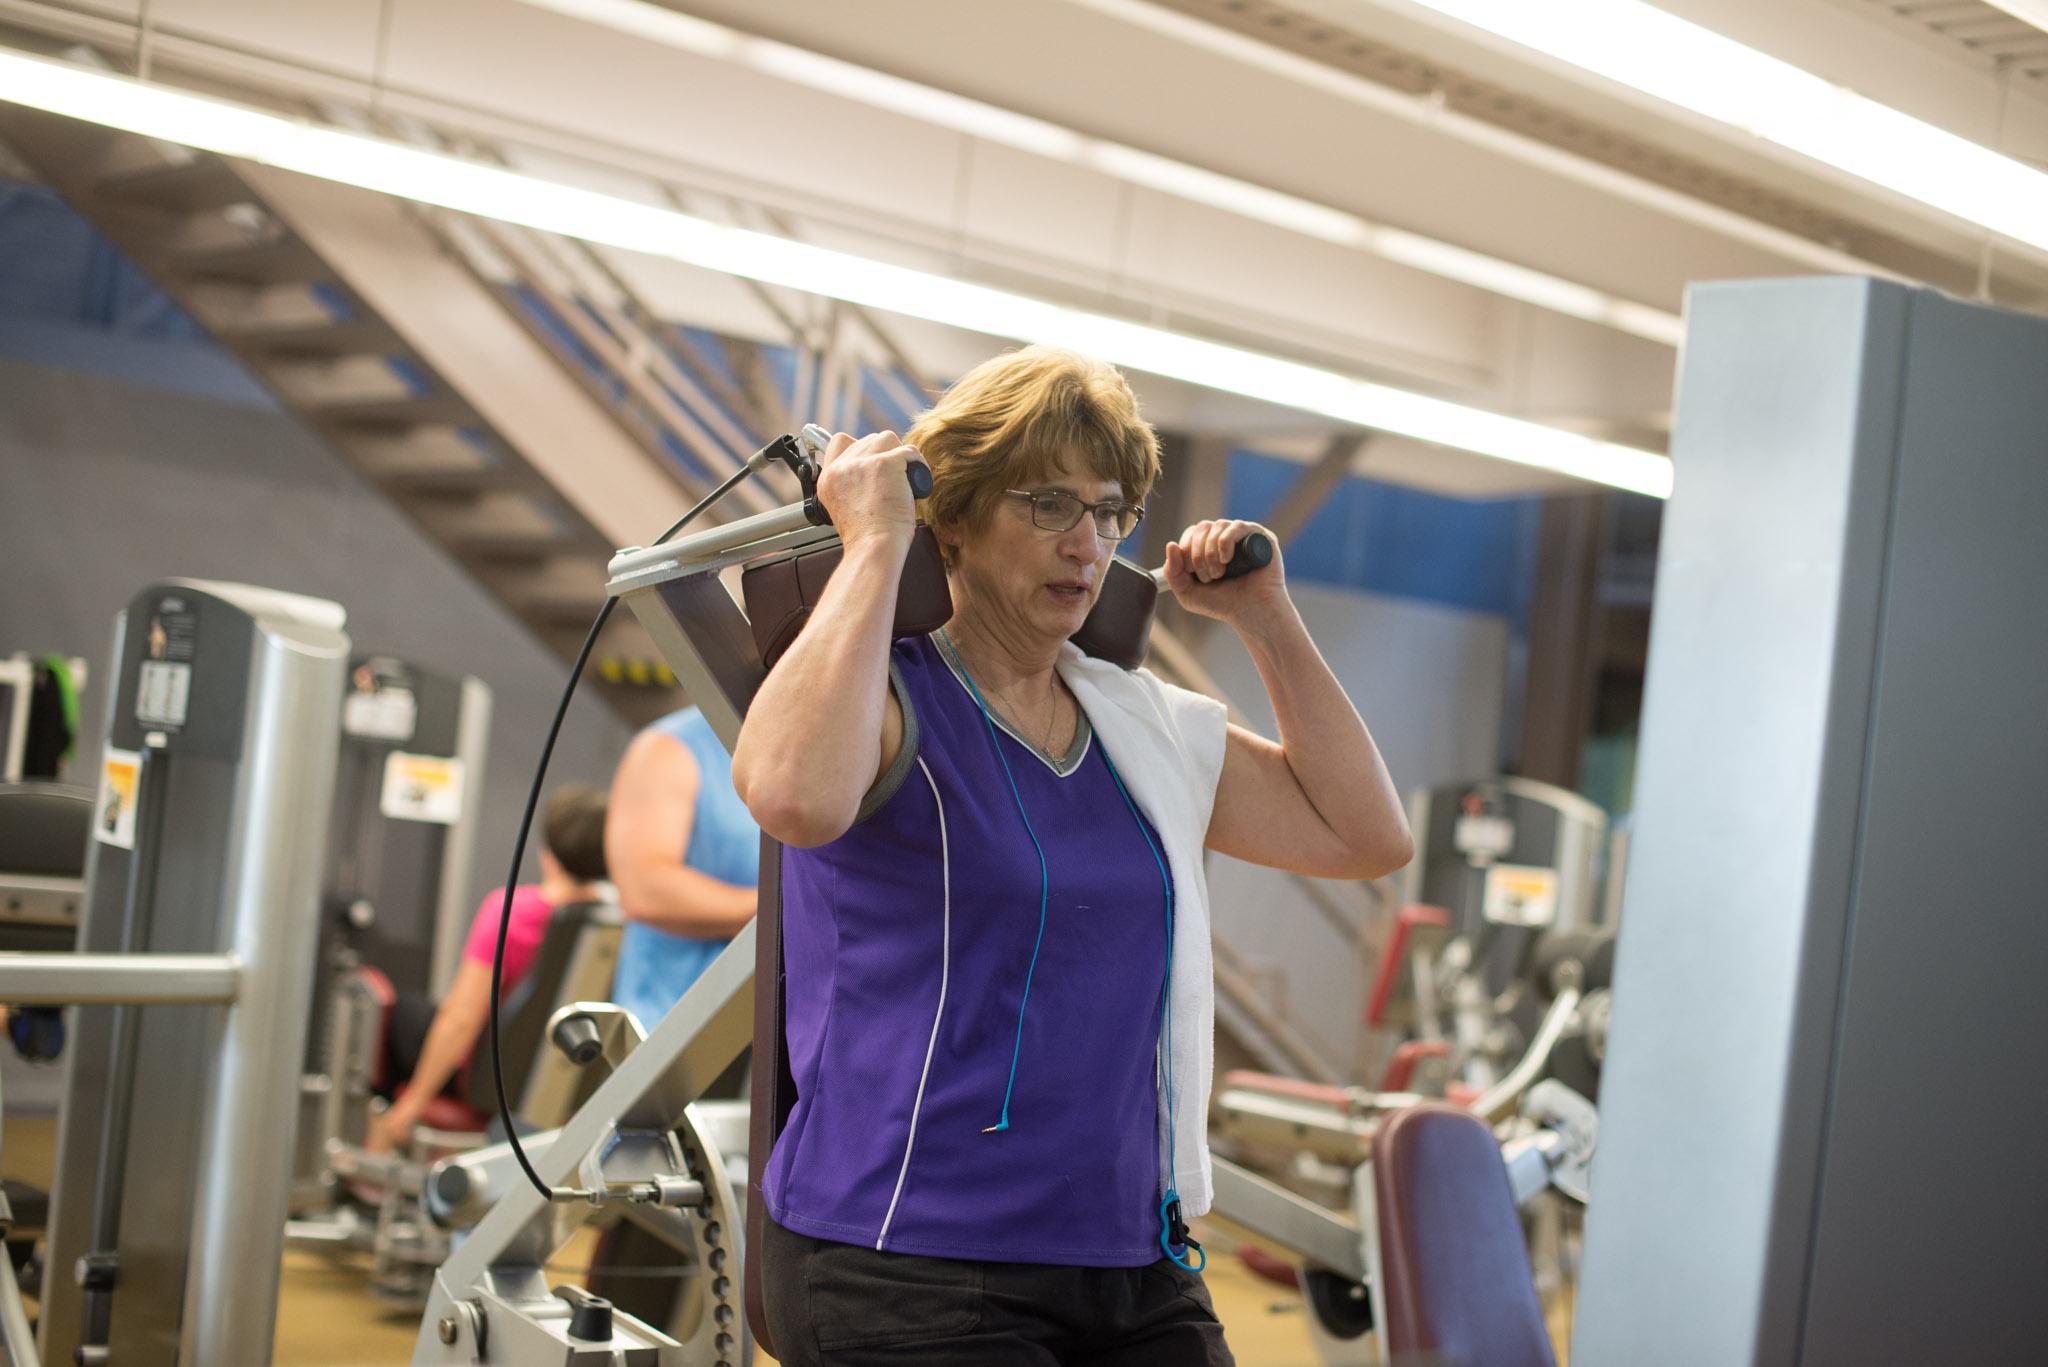 Wellness Center Stock Photos-1269.jpg